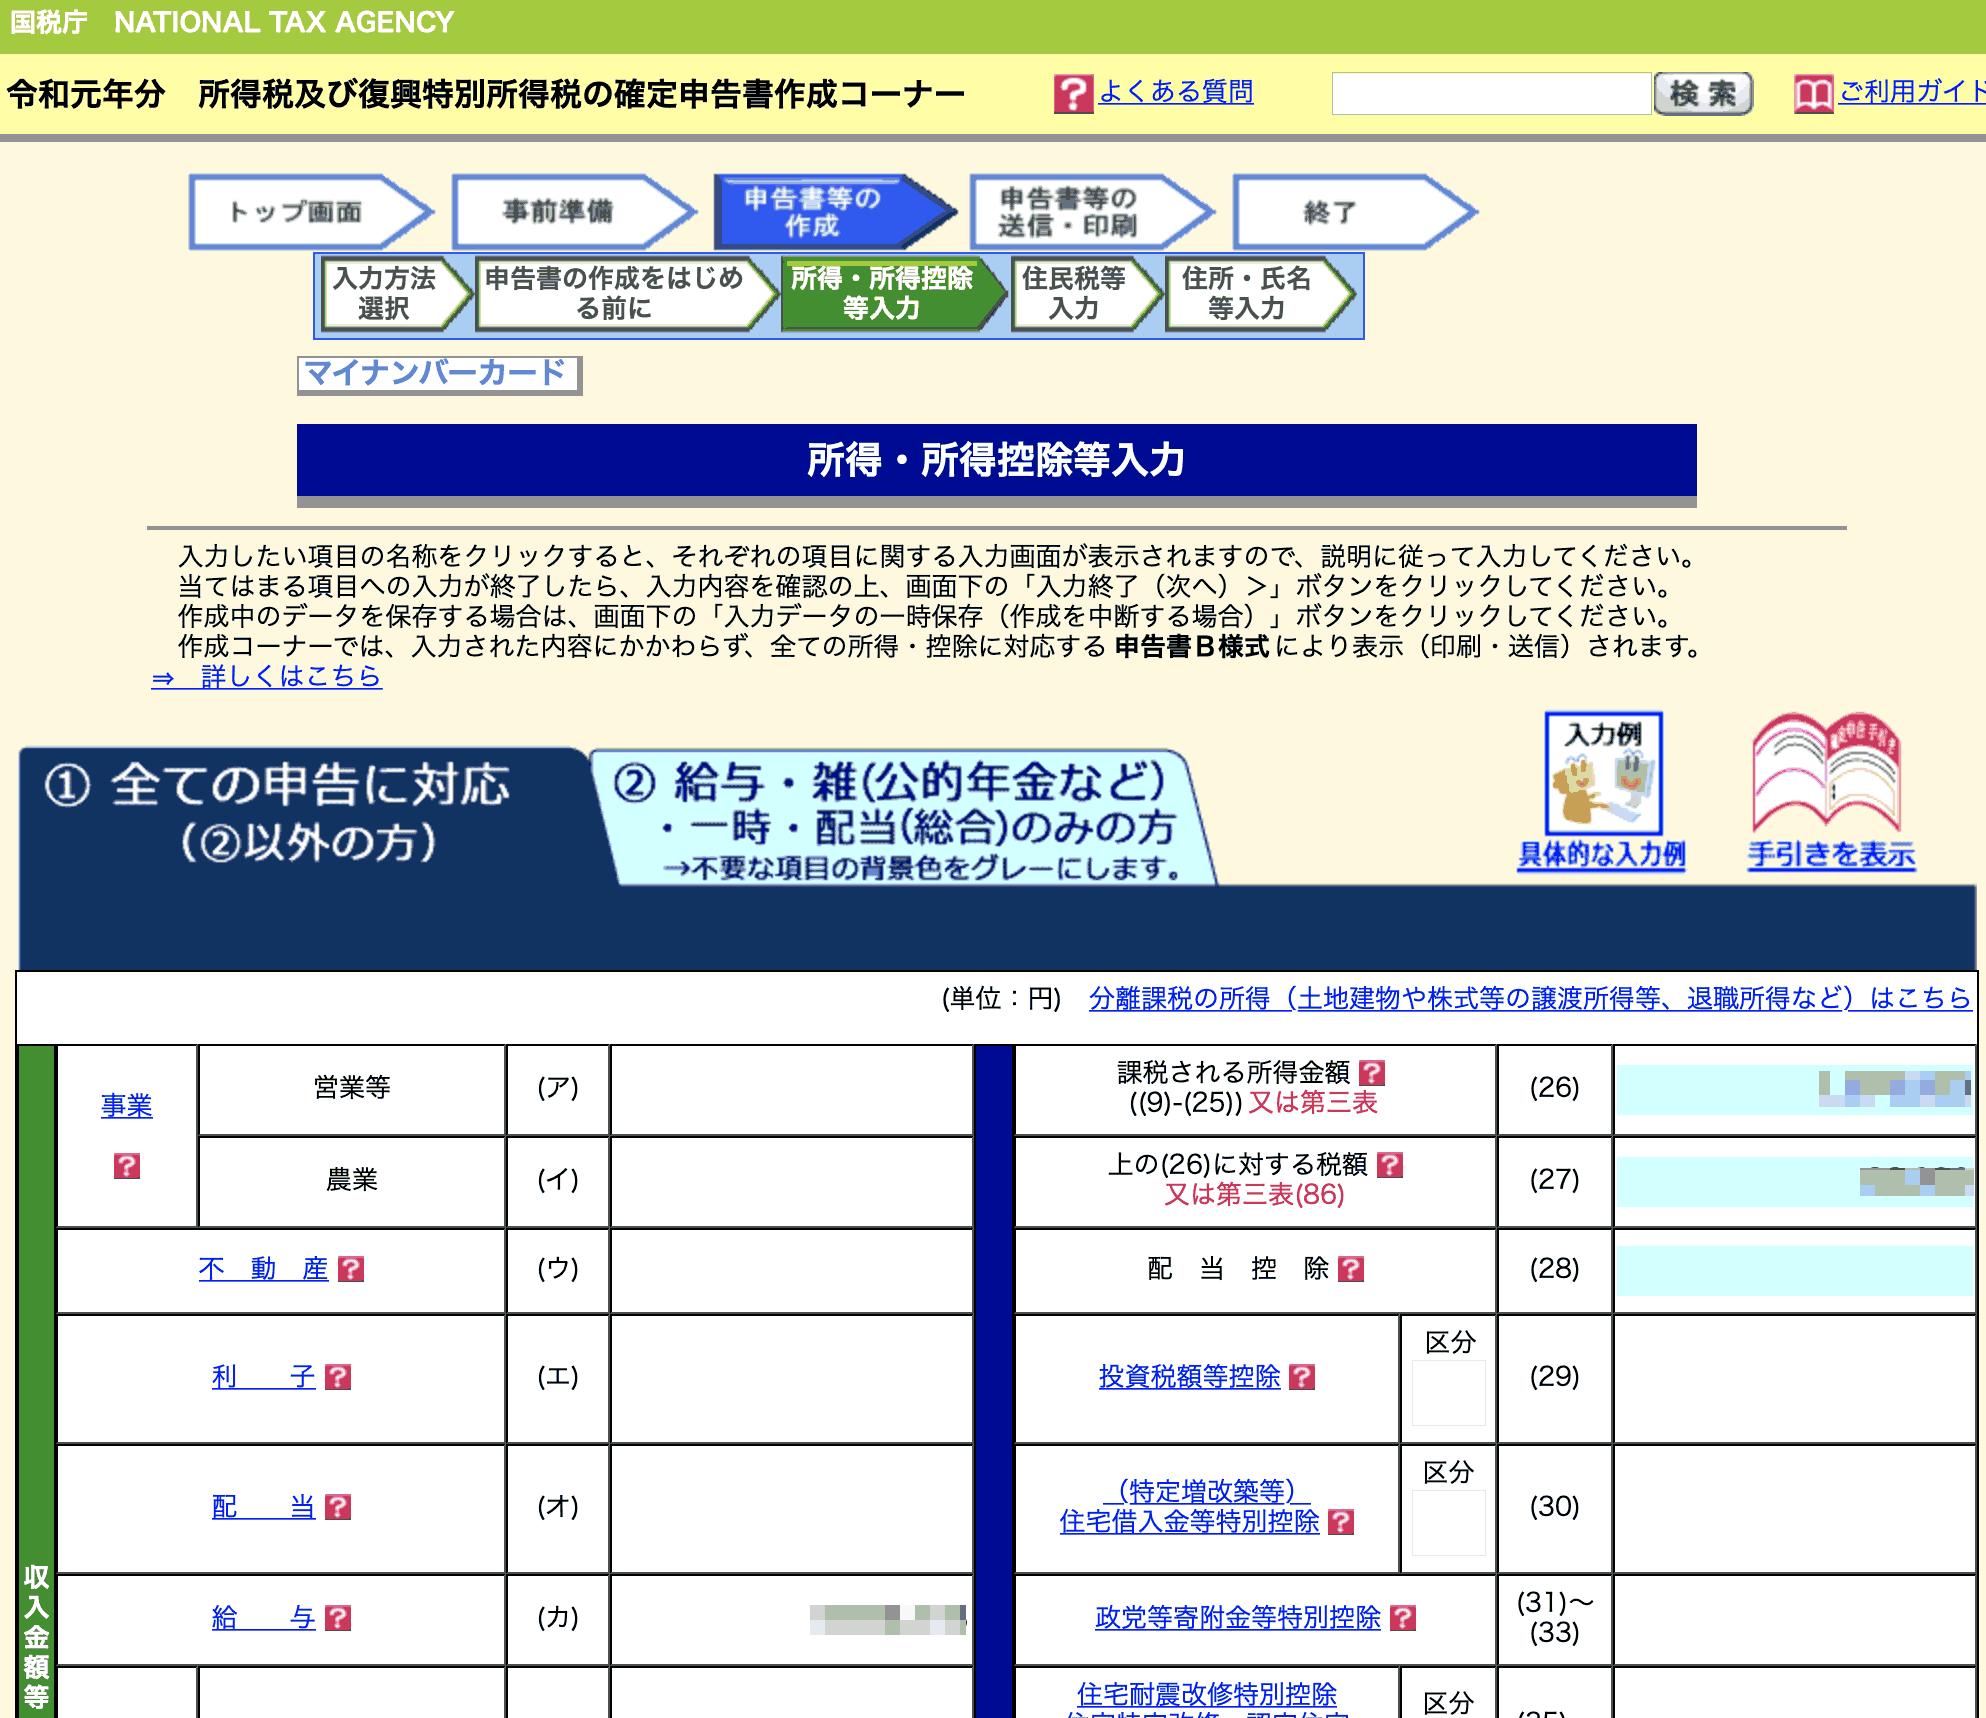 雑 その他 6